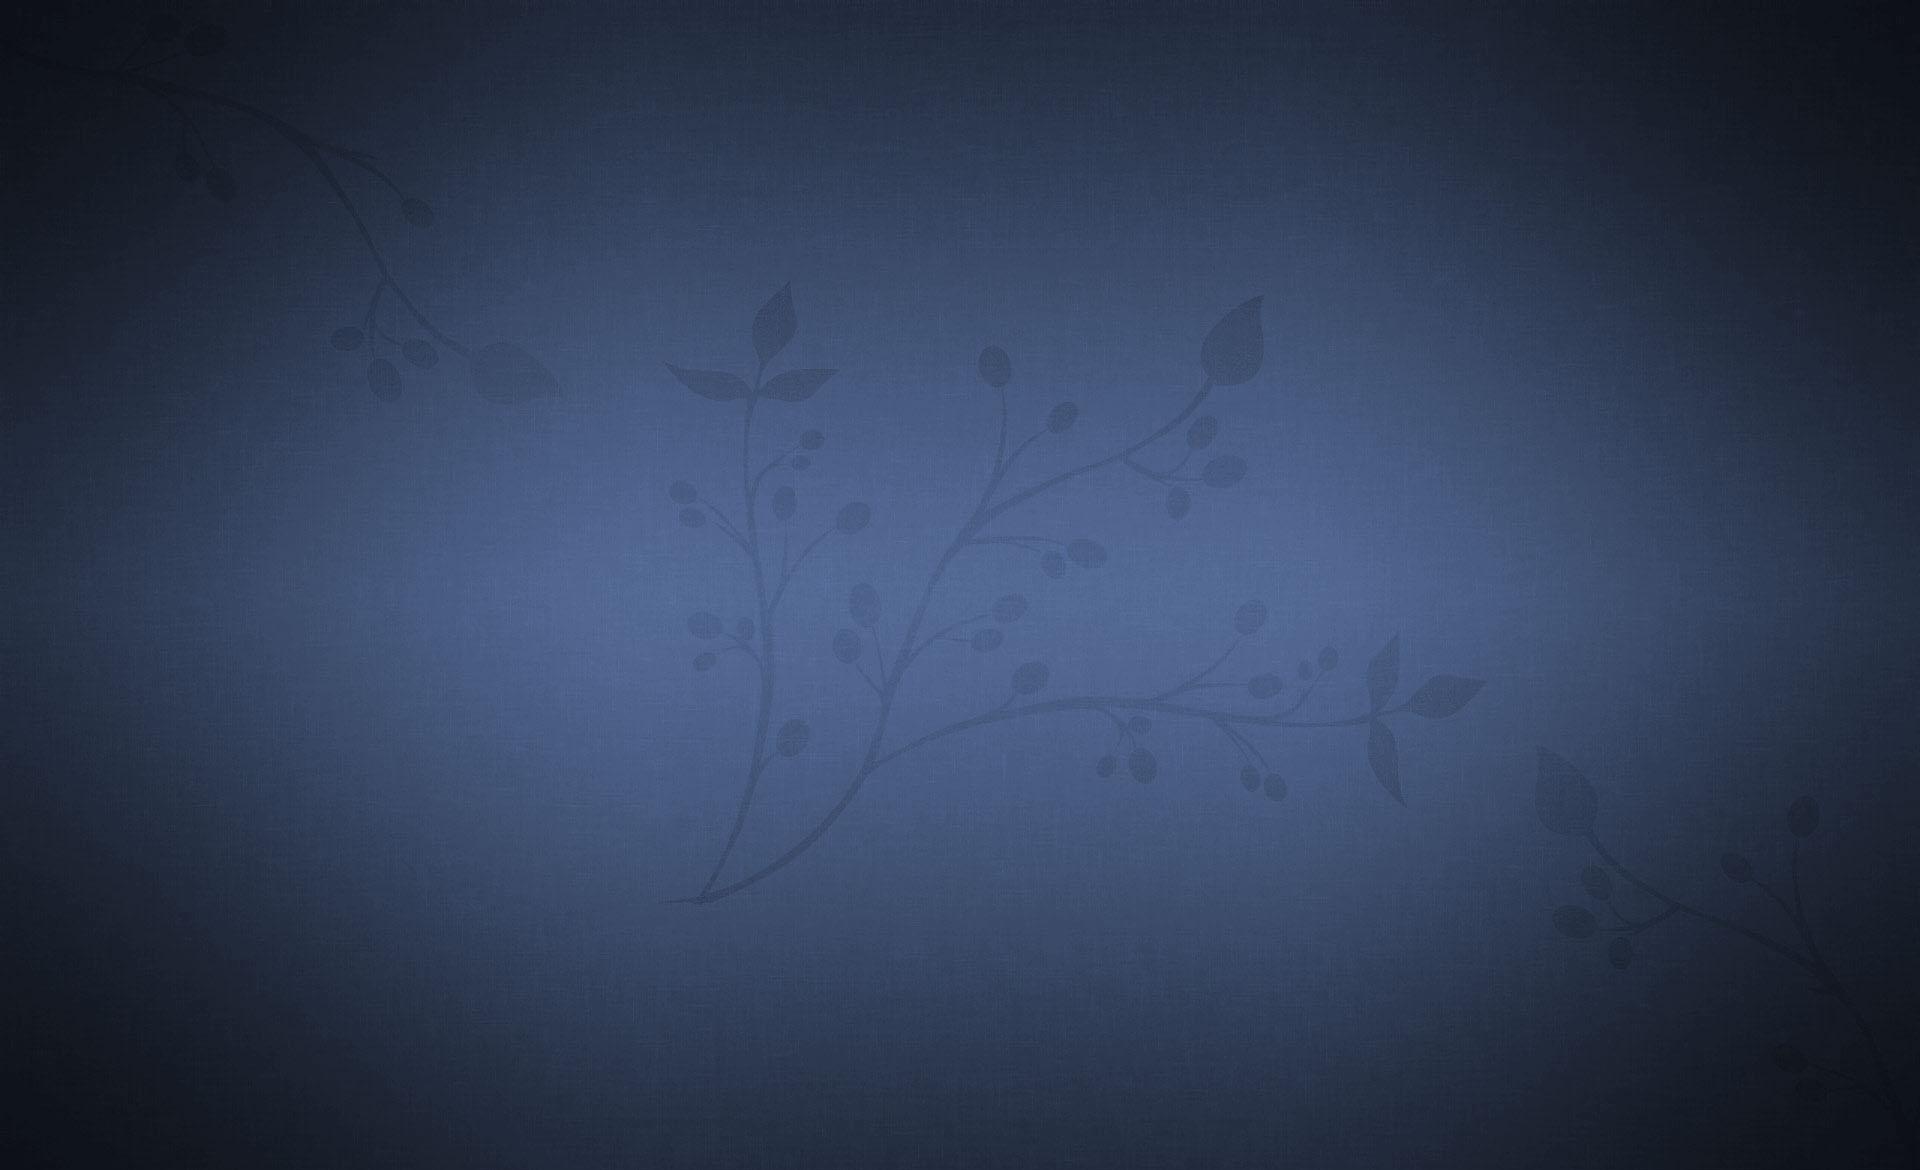 Hình ảnh background cành cây